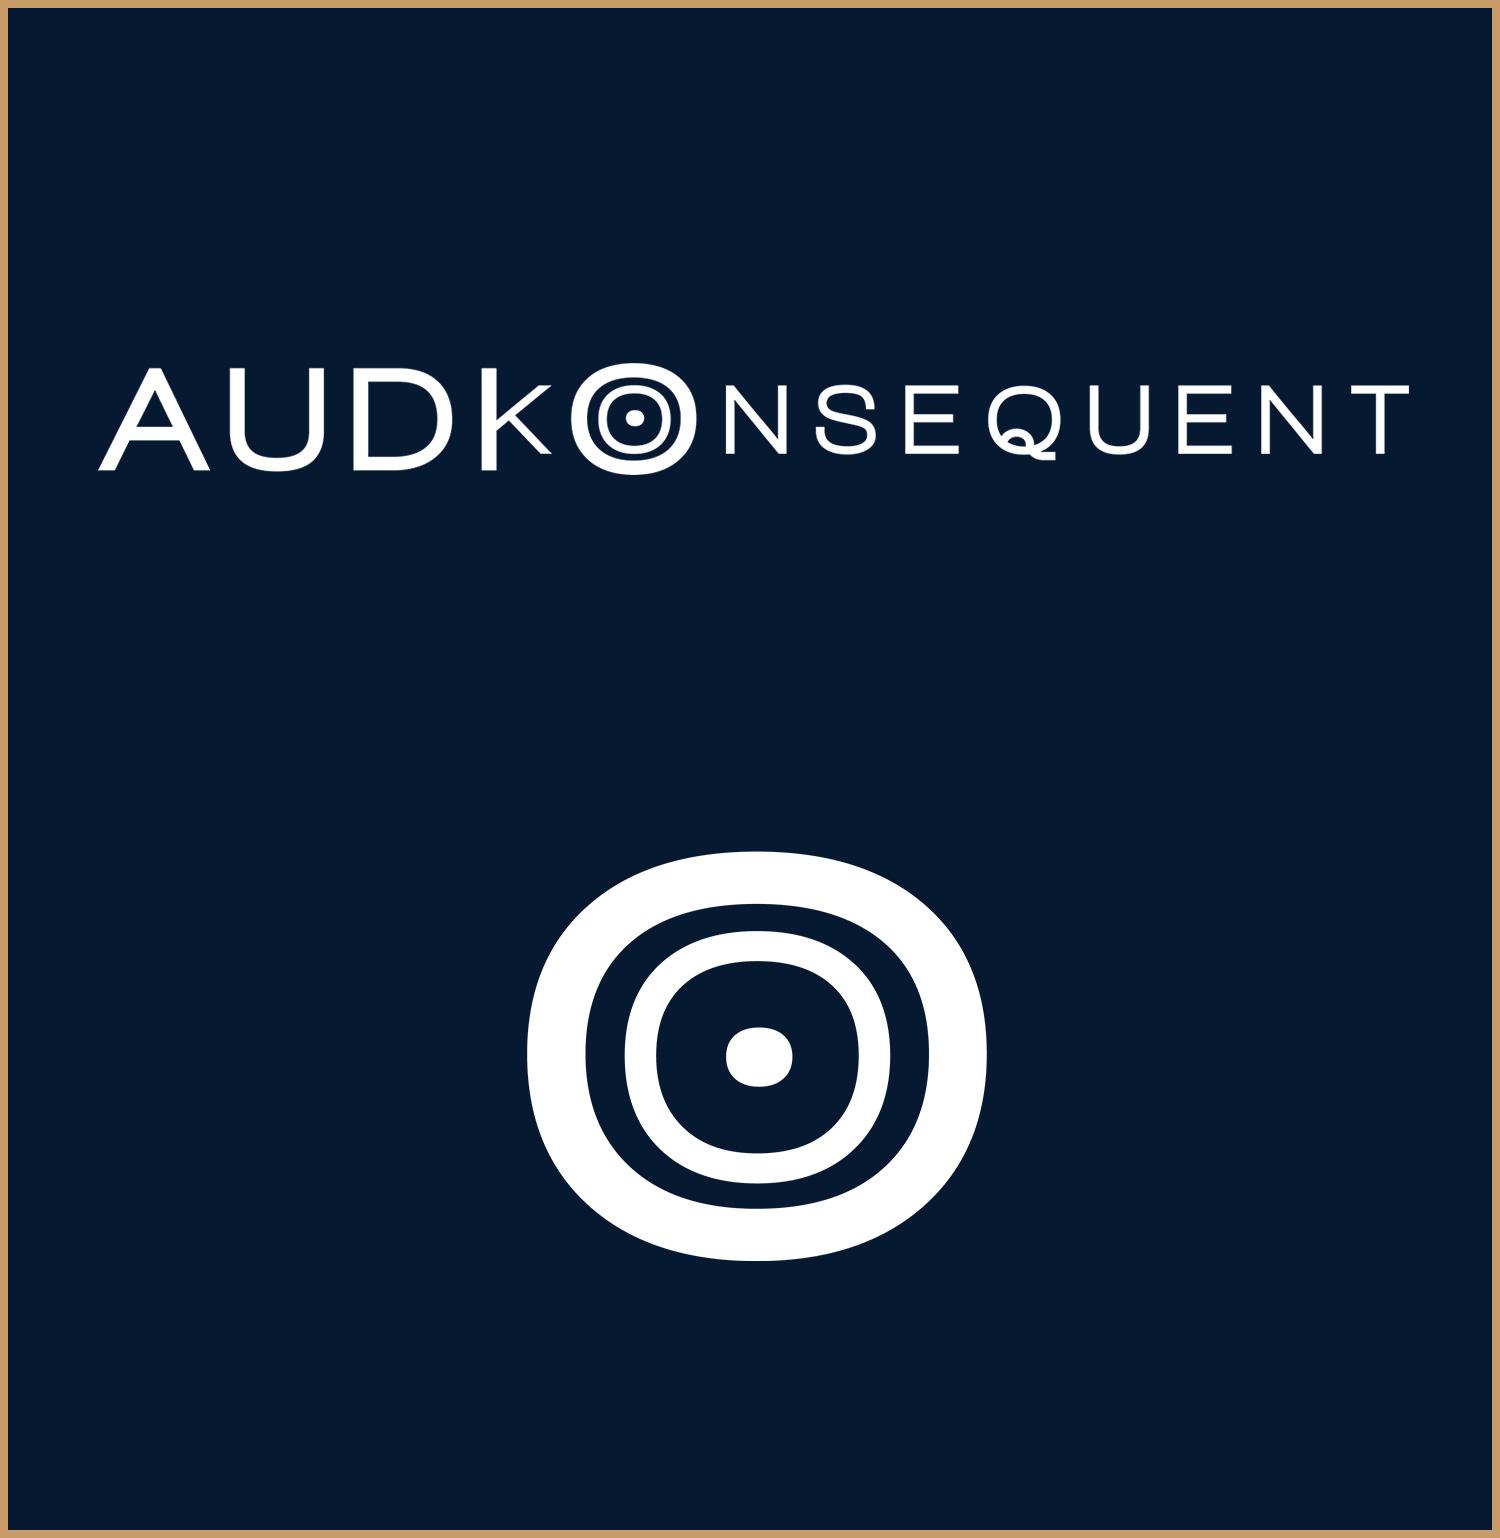 Vorschau_und_Gallery-bilder_Audiokonsequent_#1